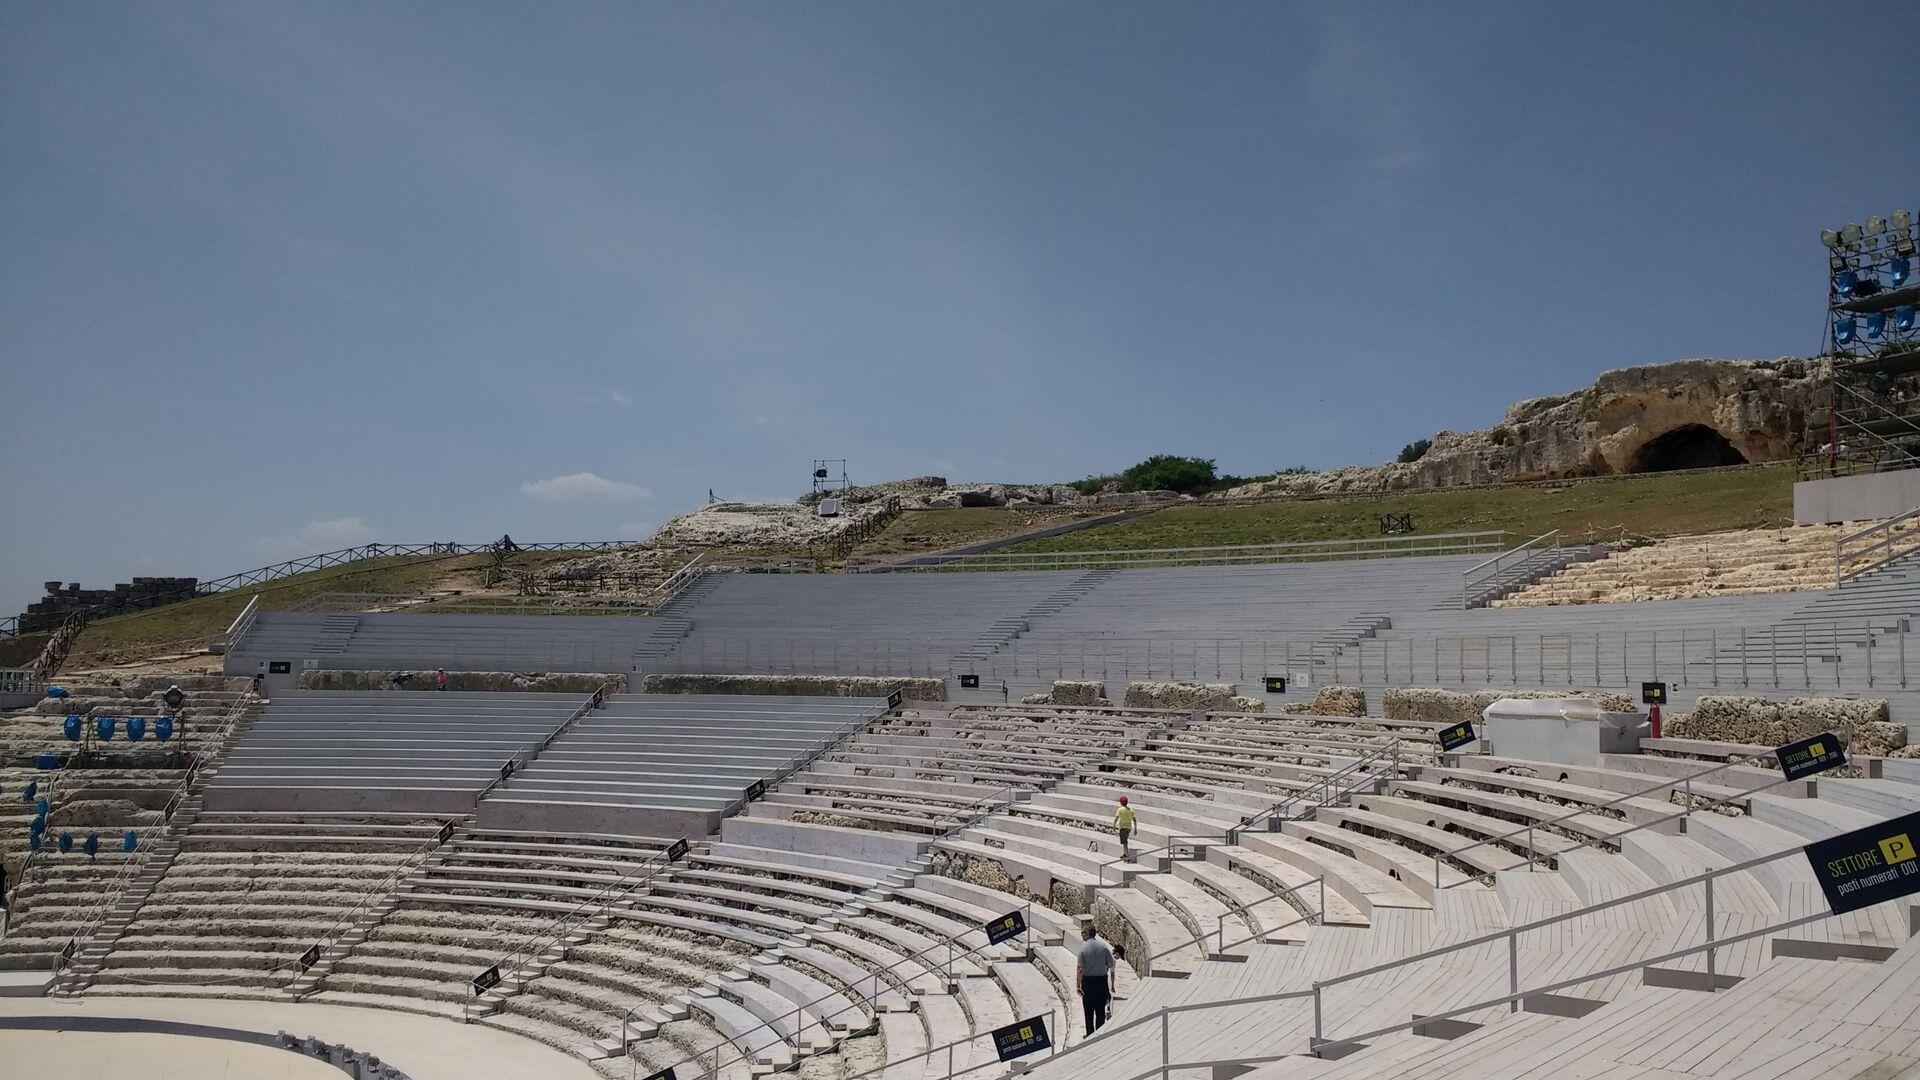 Il Teatro Greco in Sicilia  - Sputnik Italia, 1920, 13.08.2021